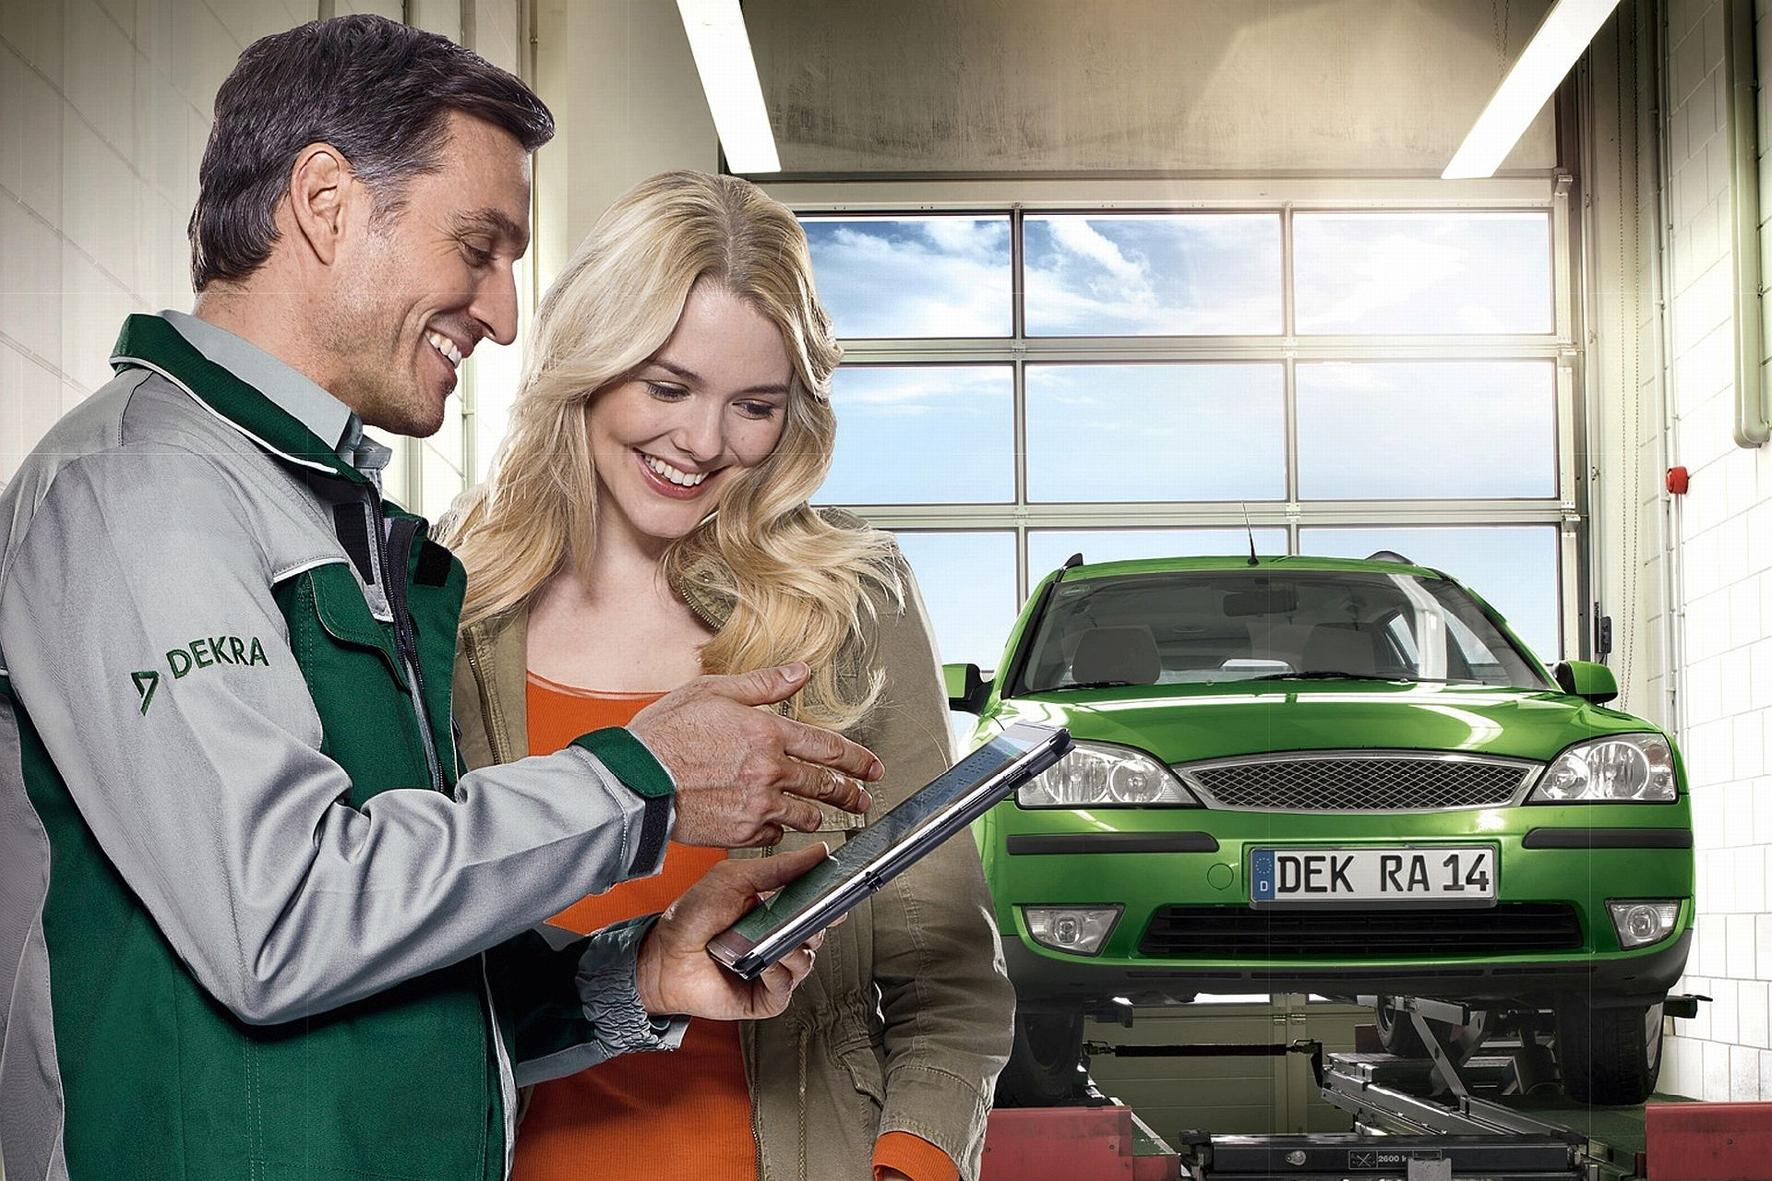 Dekra und DVW: Gratis-Auto-Check für junge Fahrer